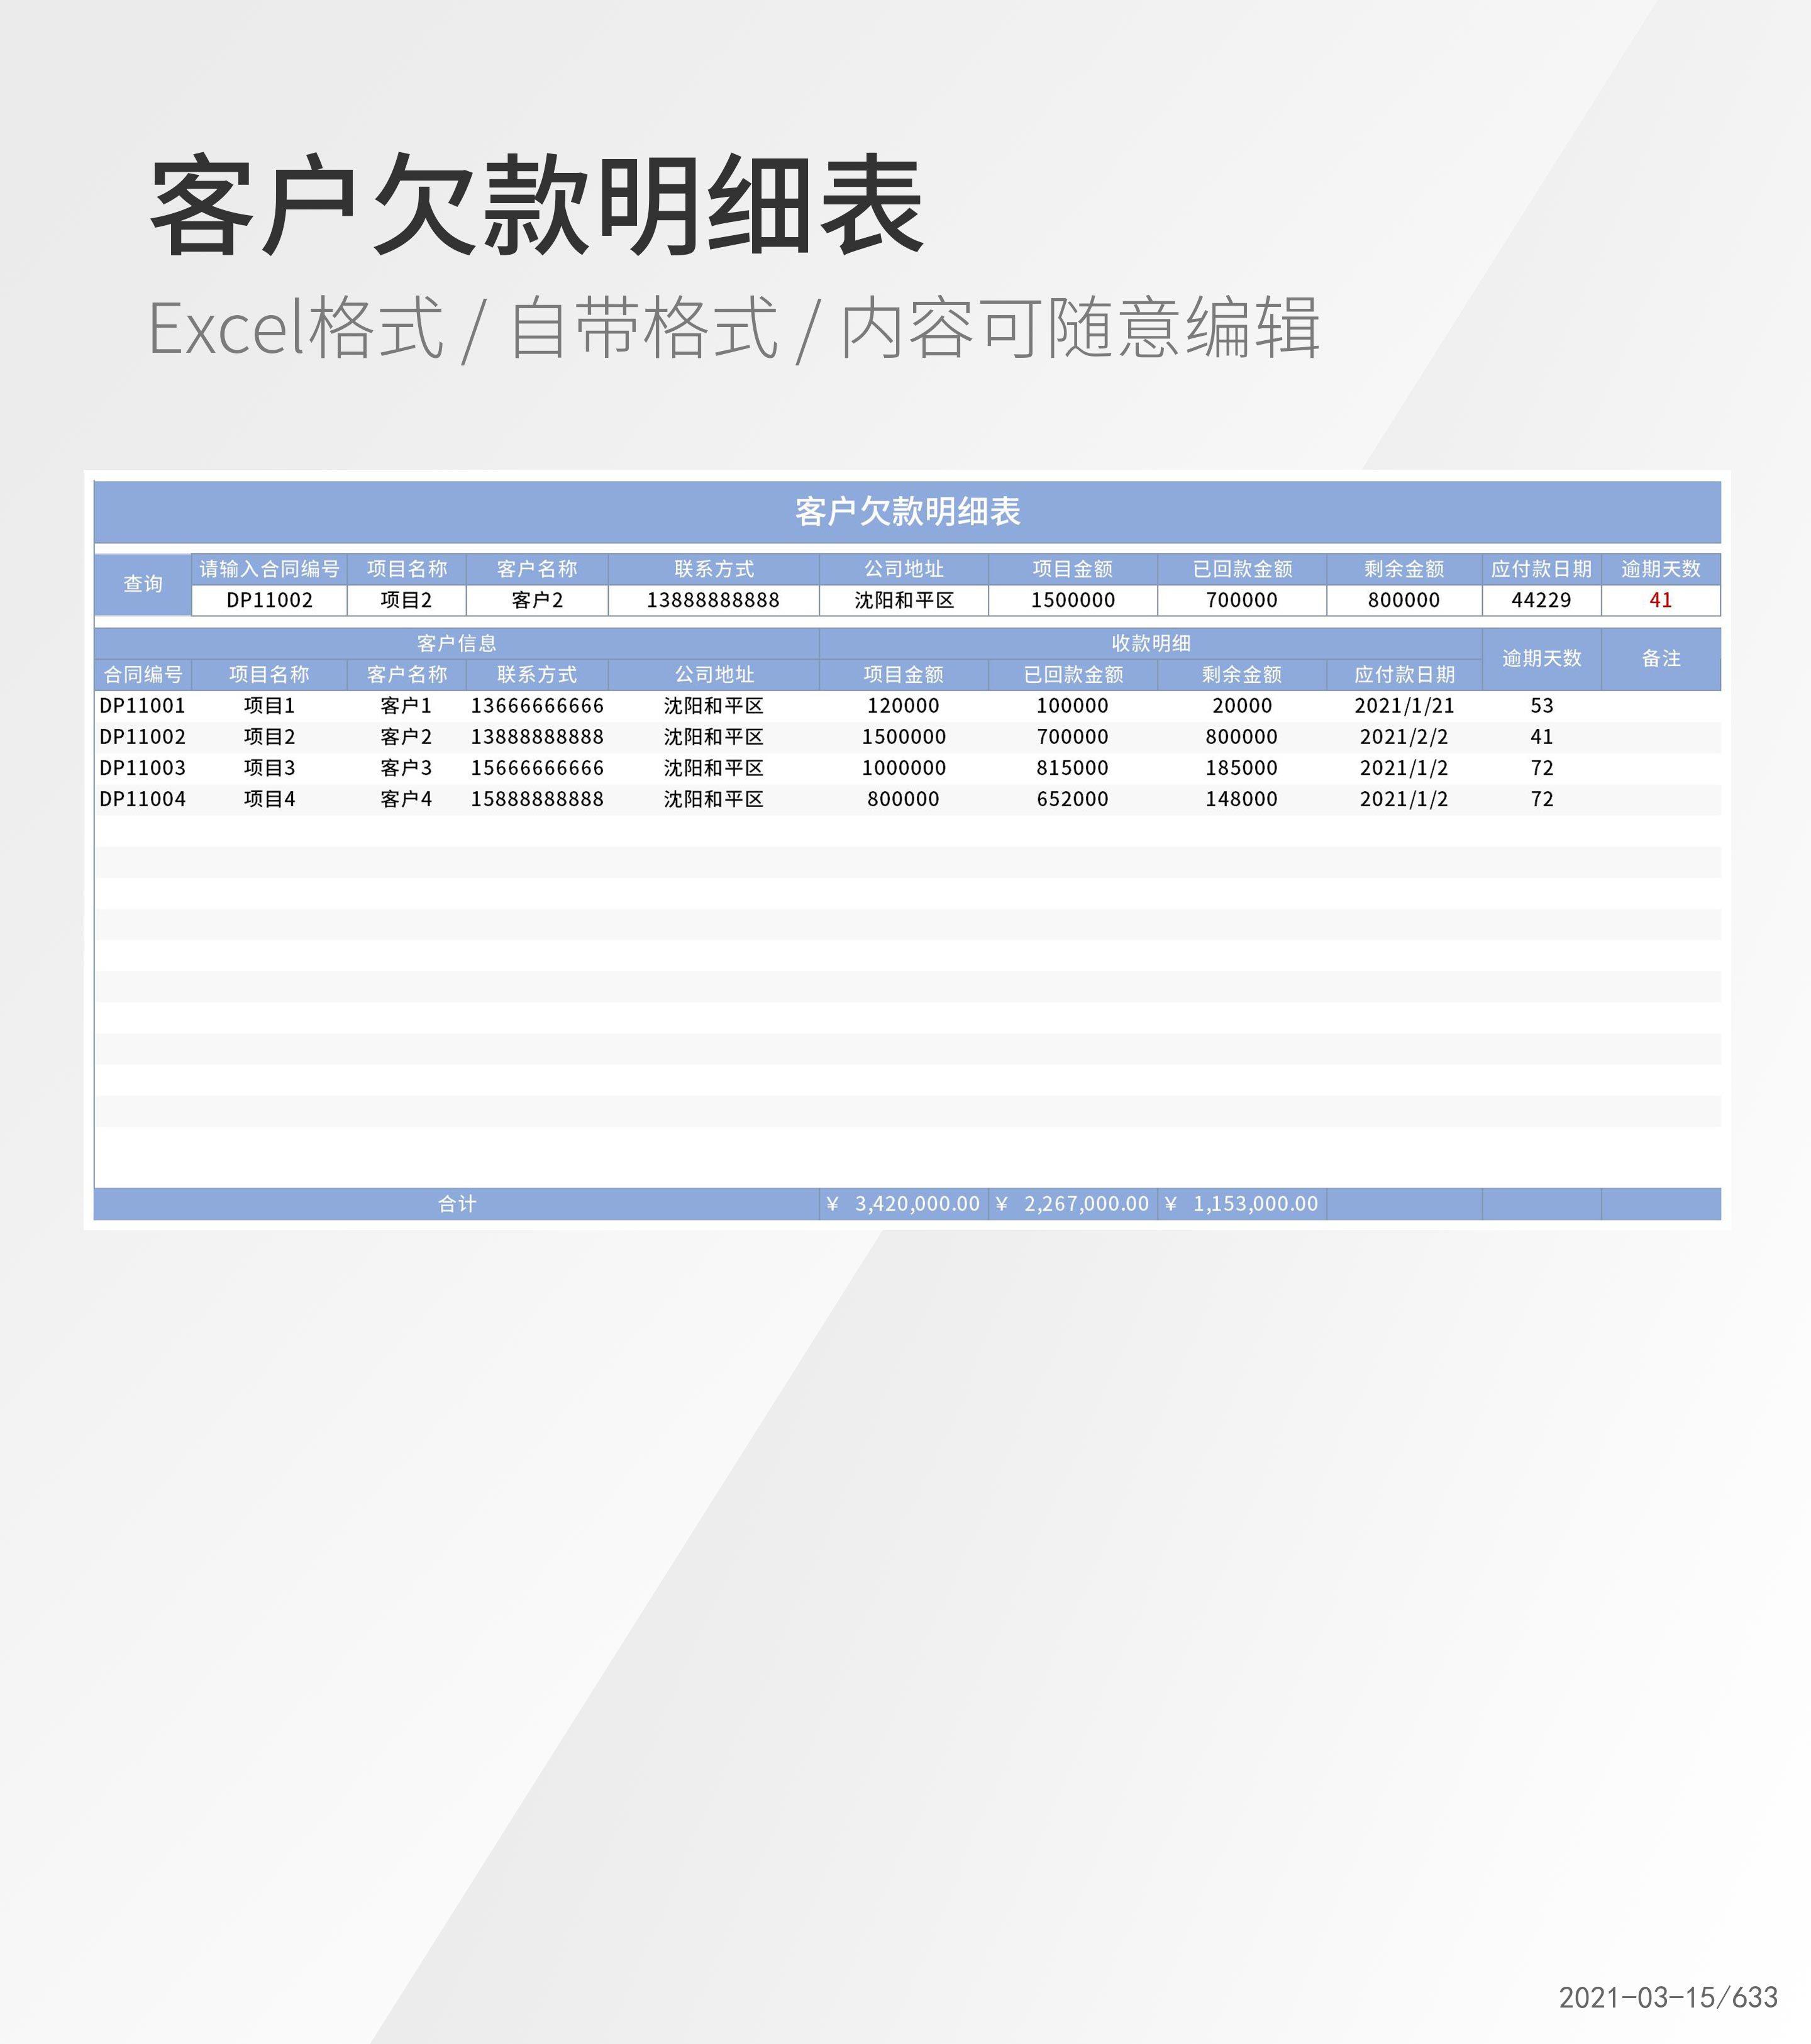 客户欠款明细表Excel模板